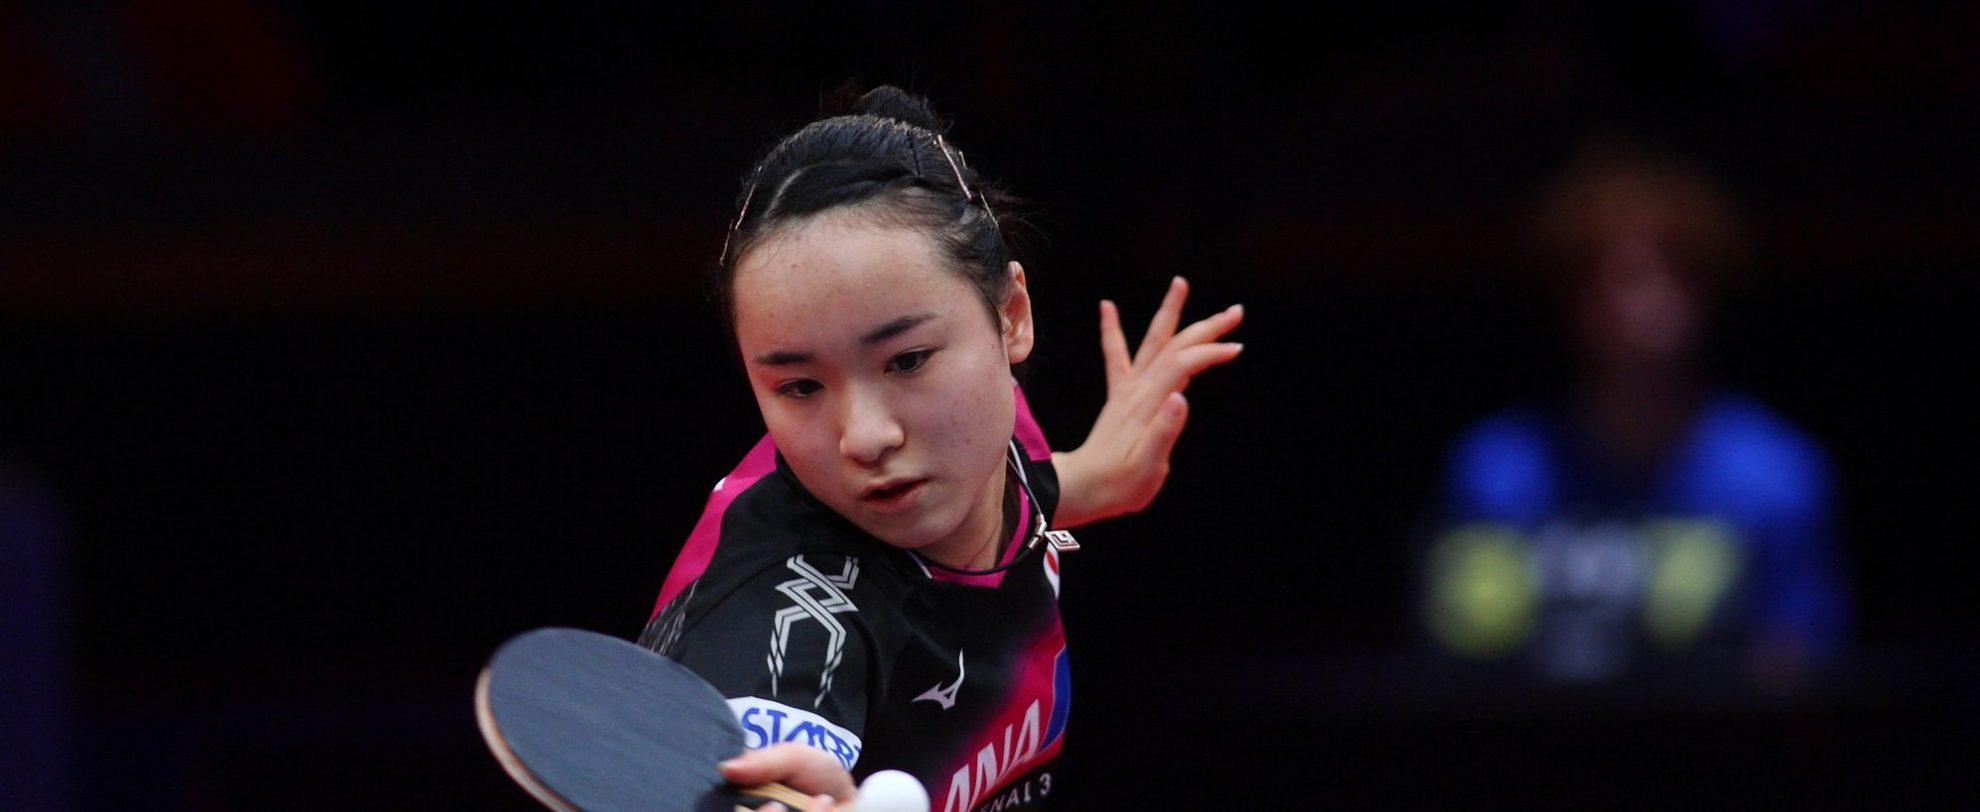 【卓球】伊藤美誠、世界1位を圧倒しV 中国主力3選手を破る快挙<女子スウェーデンOP>